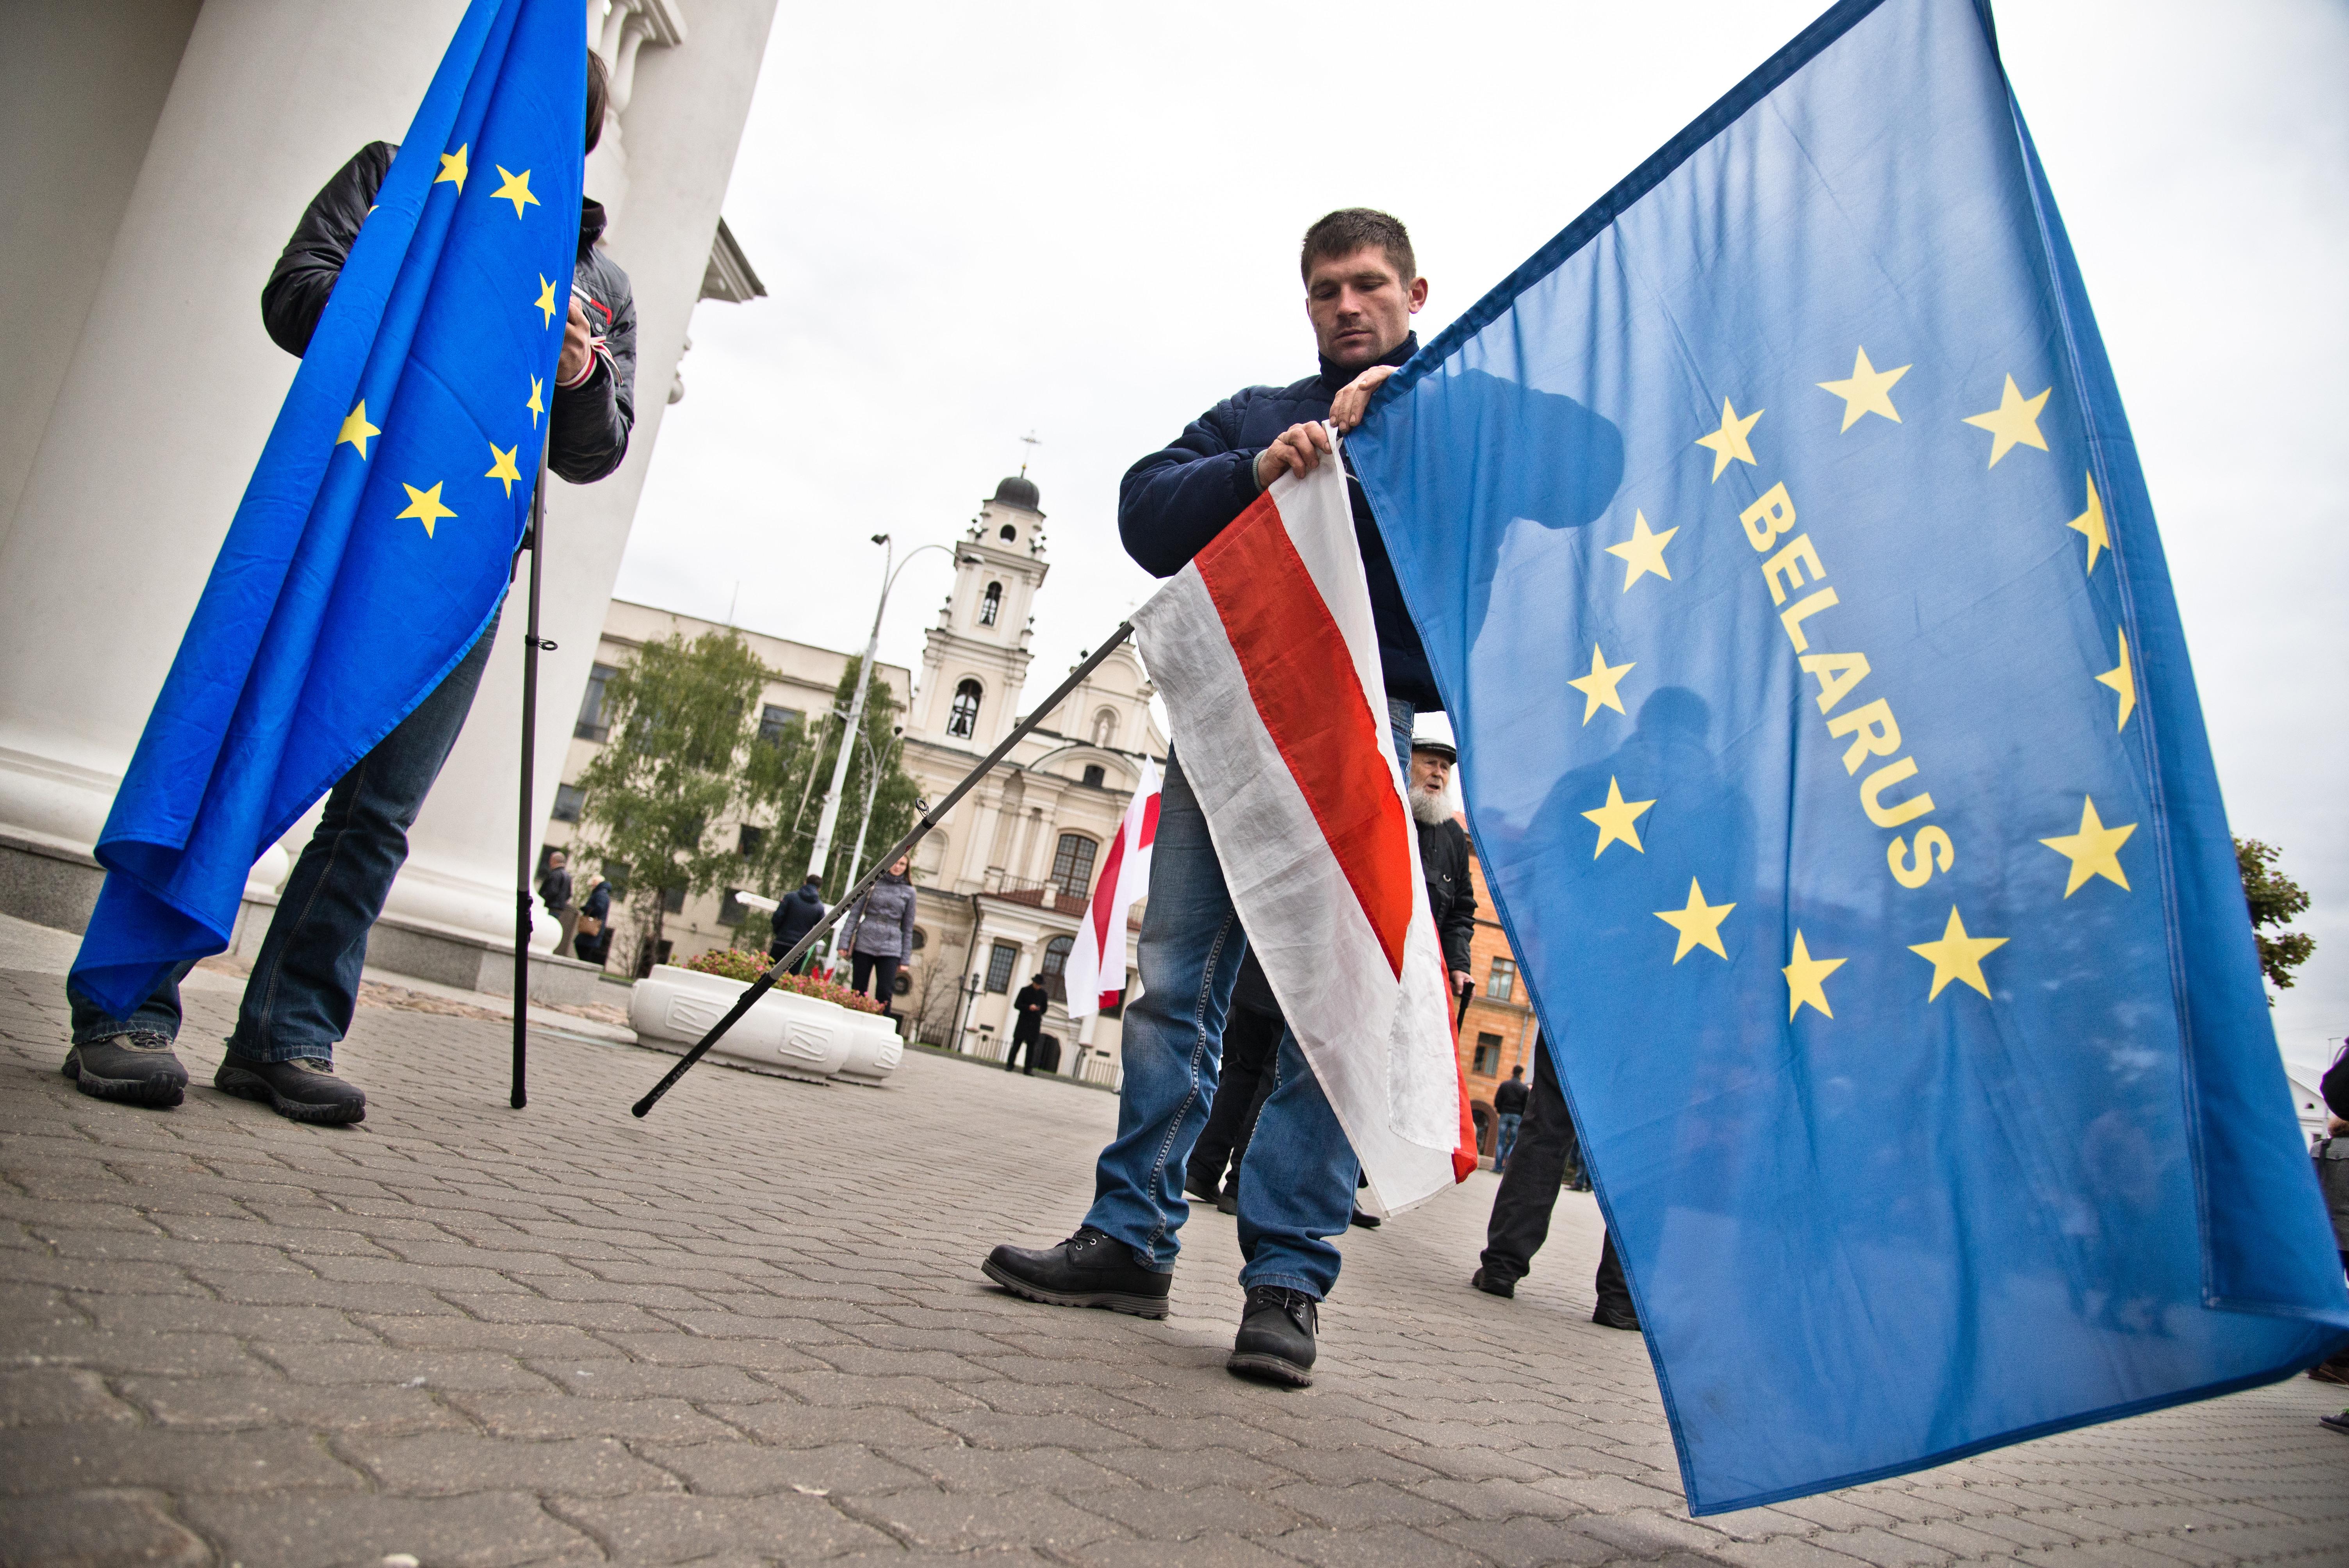 Menschen bei einer Demonstration mit belarussischer Oppositionsflagge und EU-Flagge